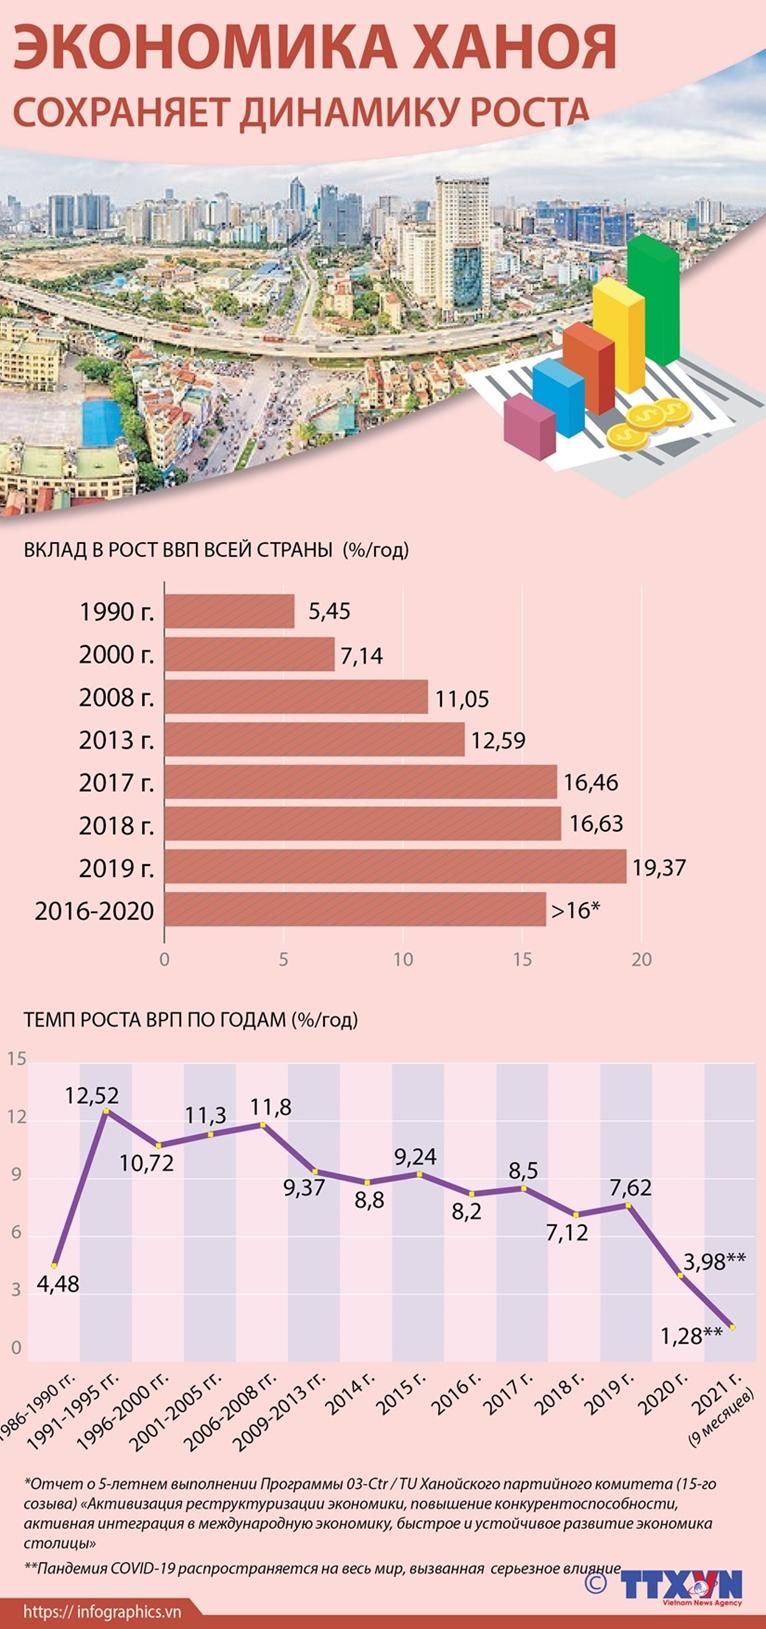 Экономика Ханоя сохраняет динамику роста